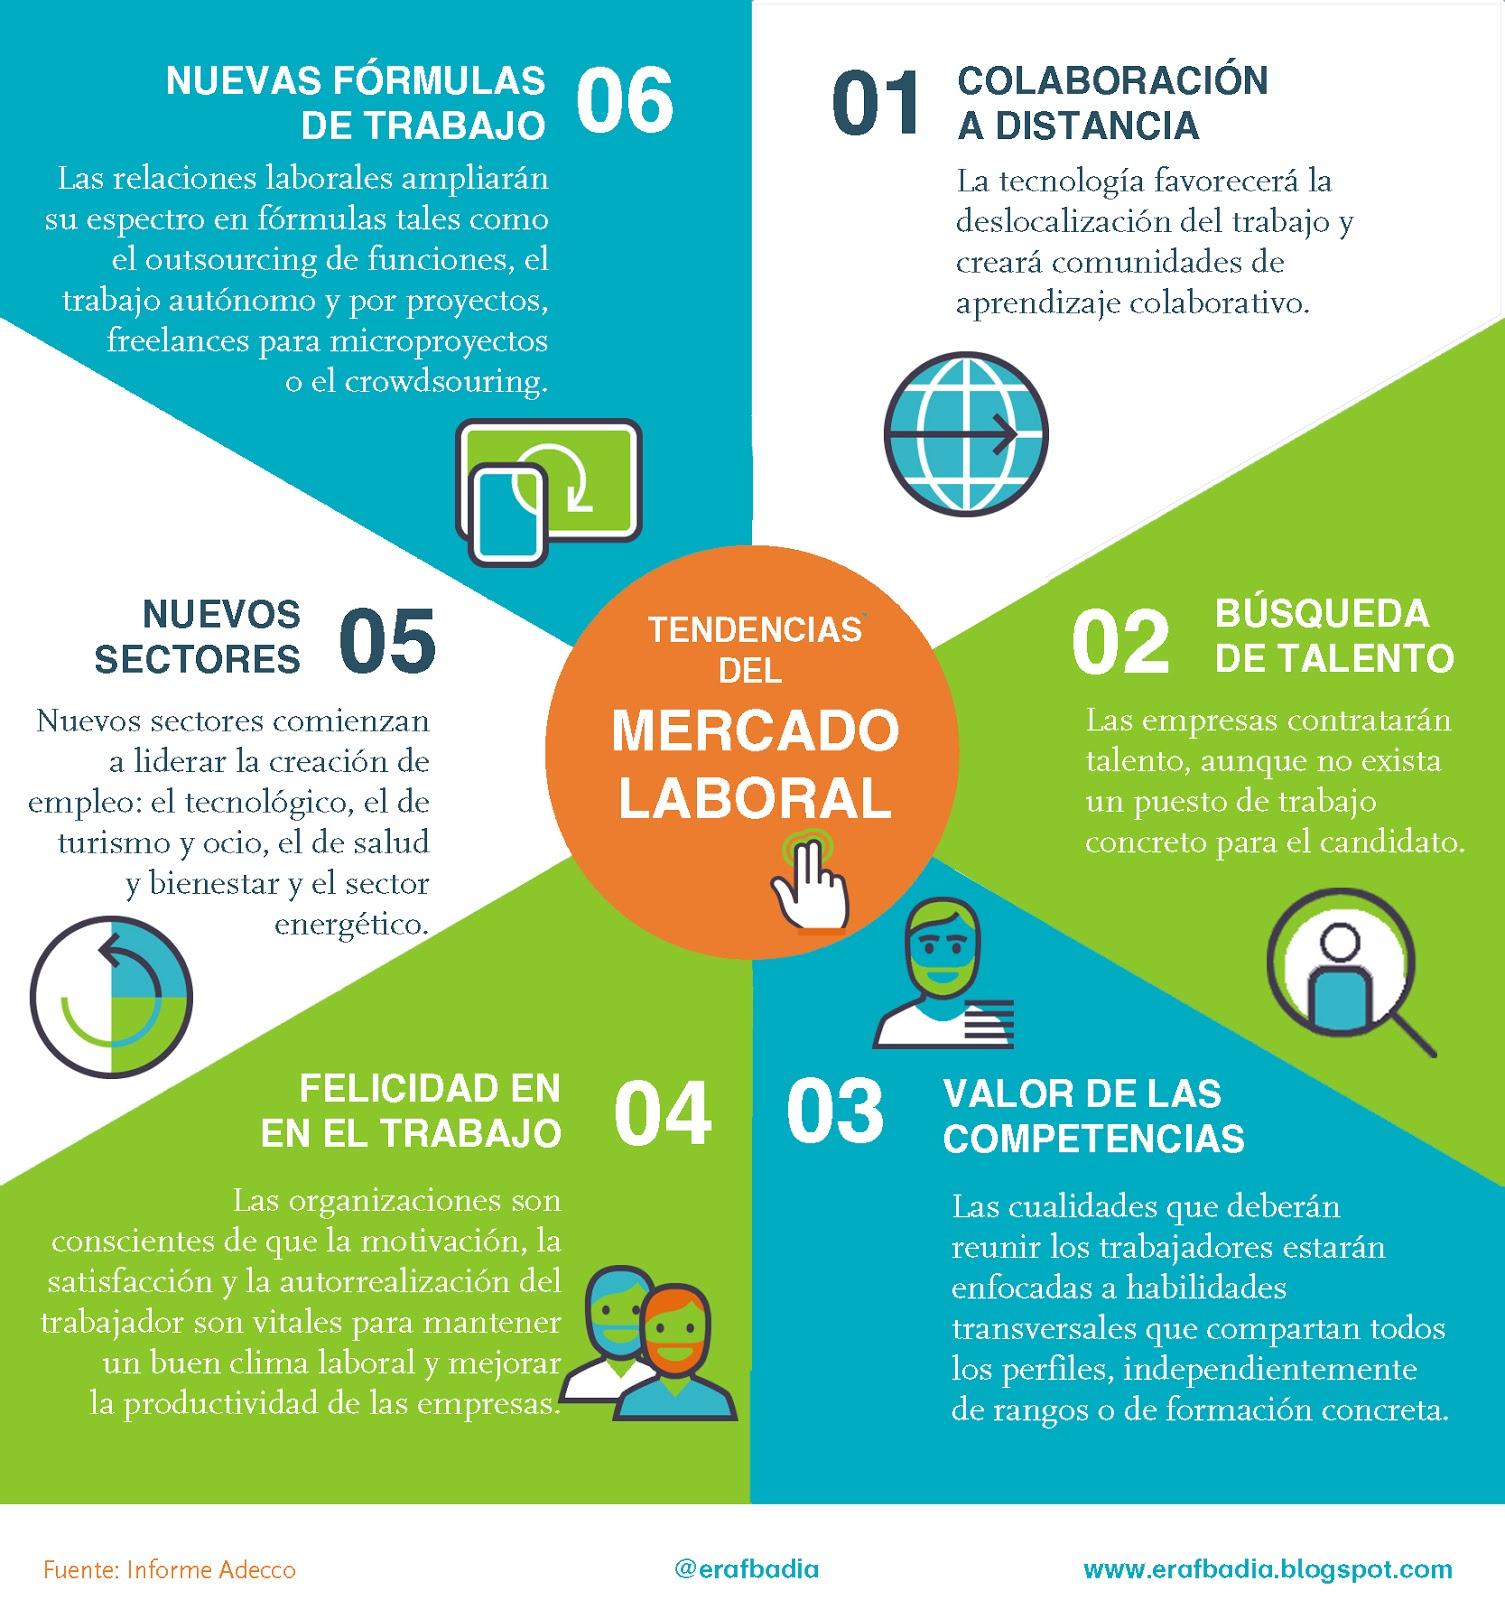 El futuro del trabajo i espai de recerca activa de feina for Oficina adecco barcelona